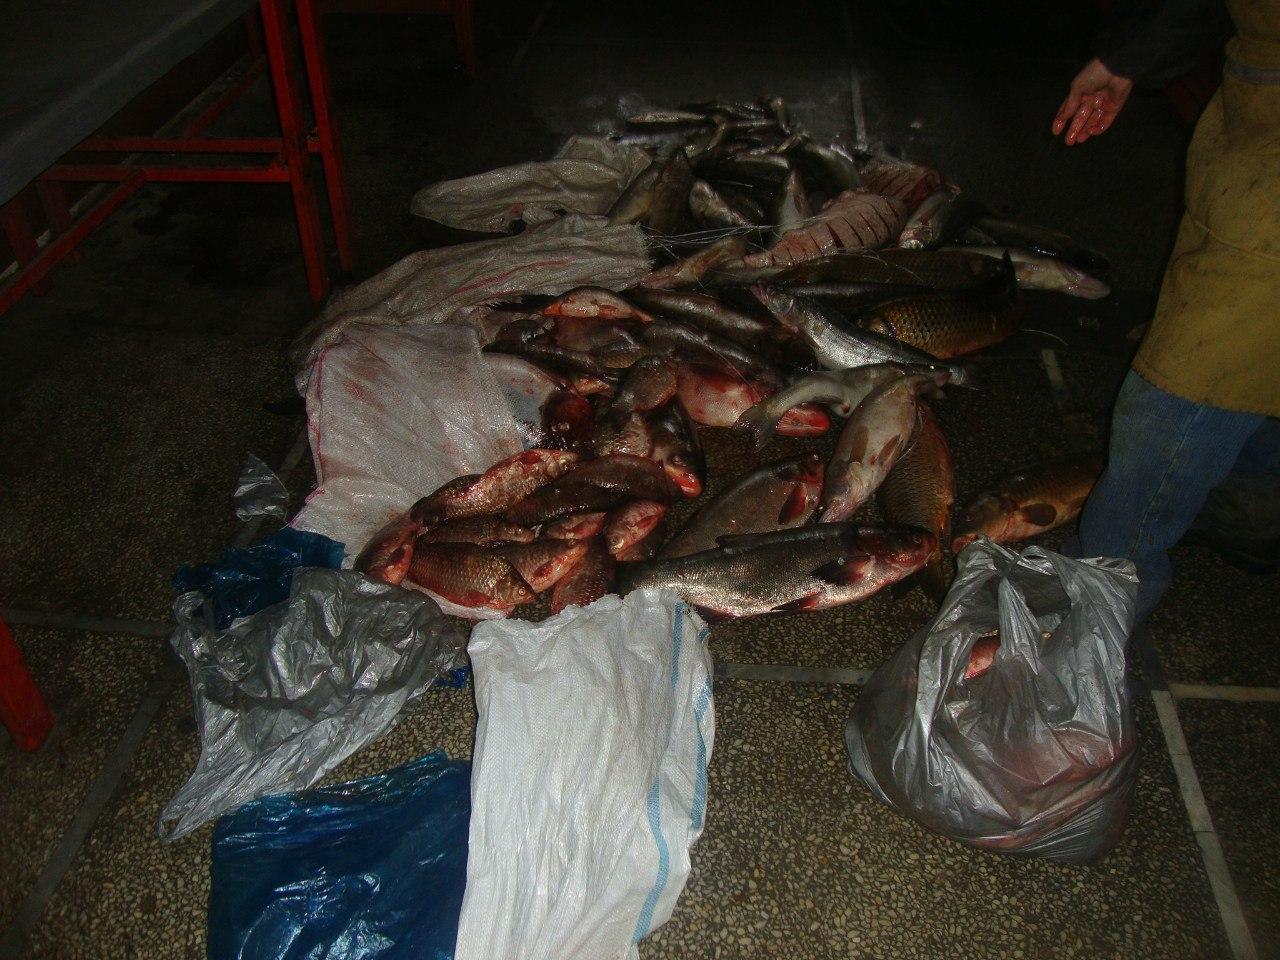 На Центральном рынке города Ростова-на-Дону изъяли 204 кг рыбы и 6,4 кг икры неизвестного происхождения